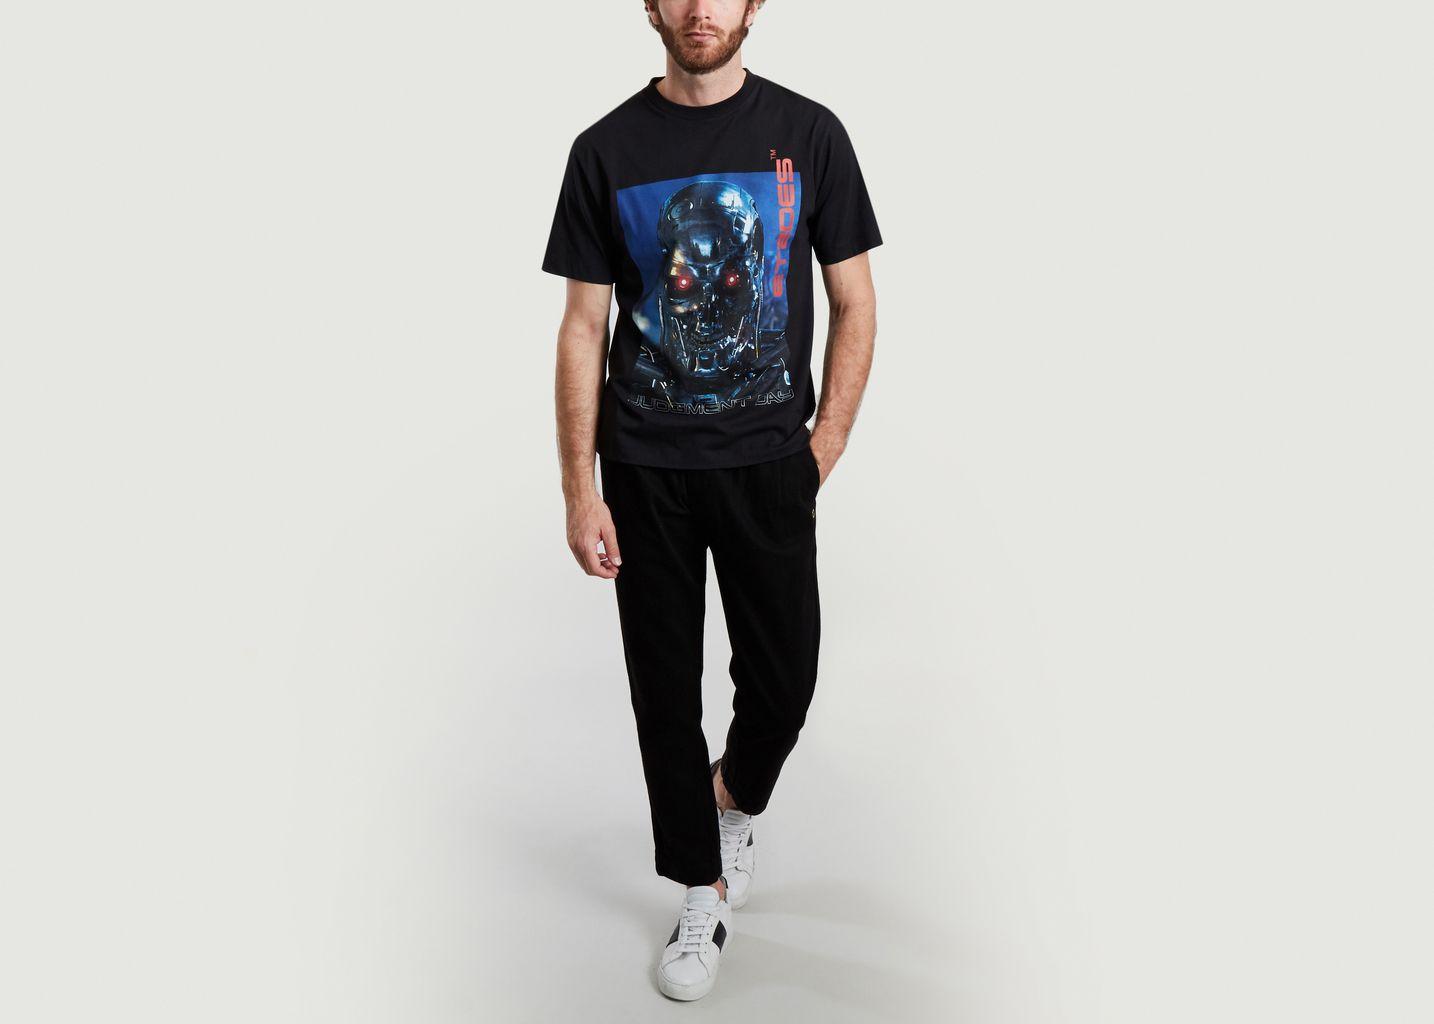 T-shirt Études x Terminator - Études